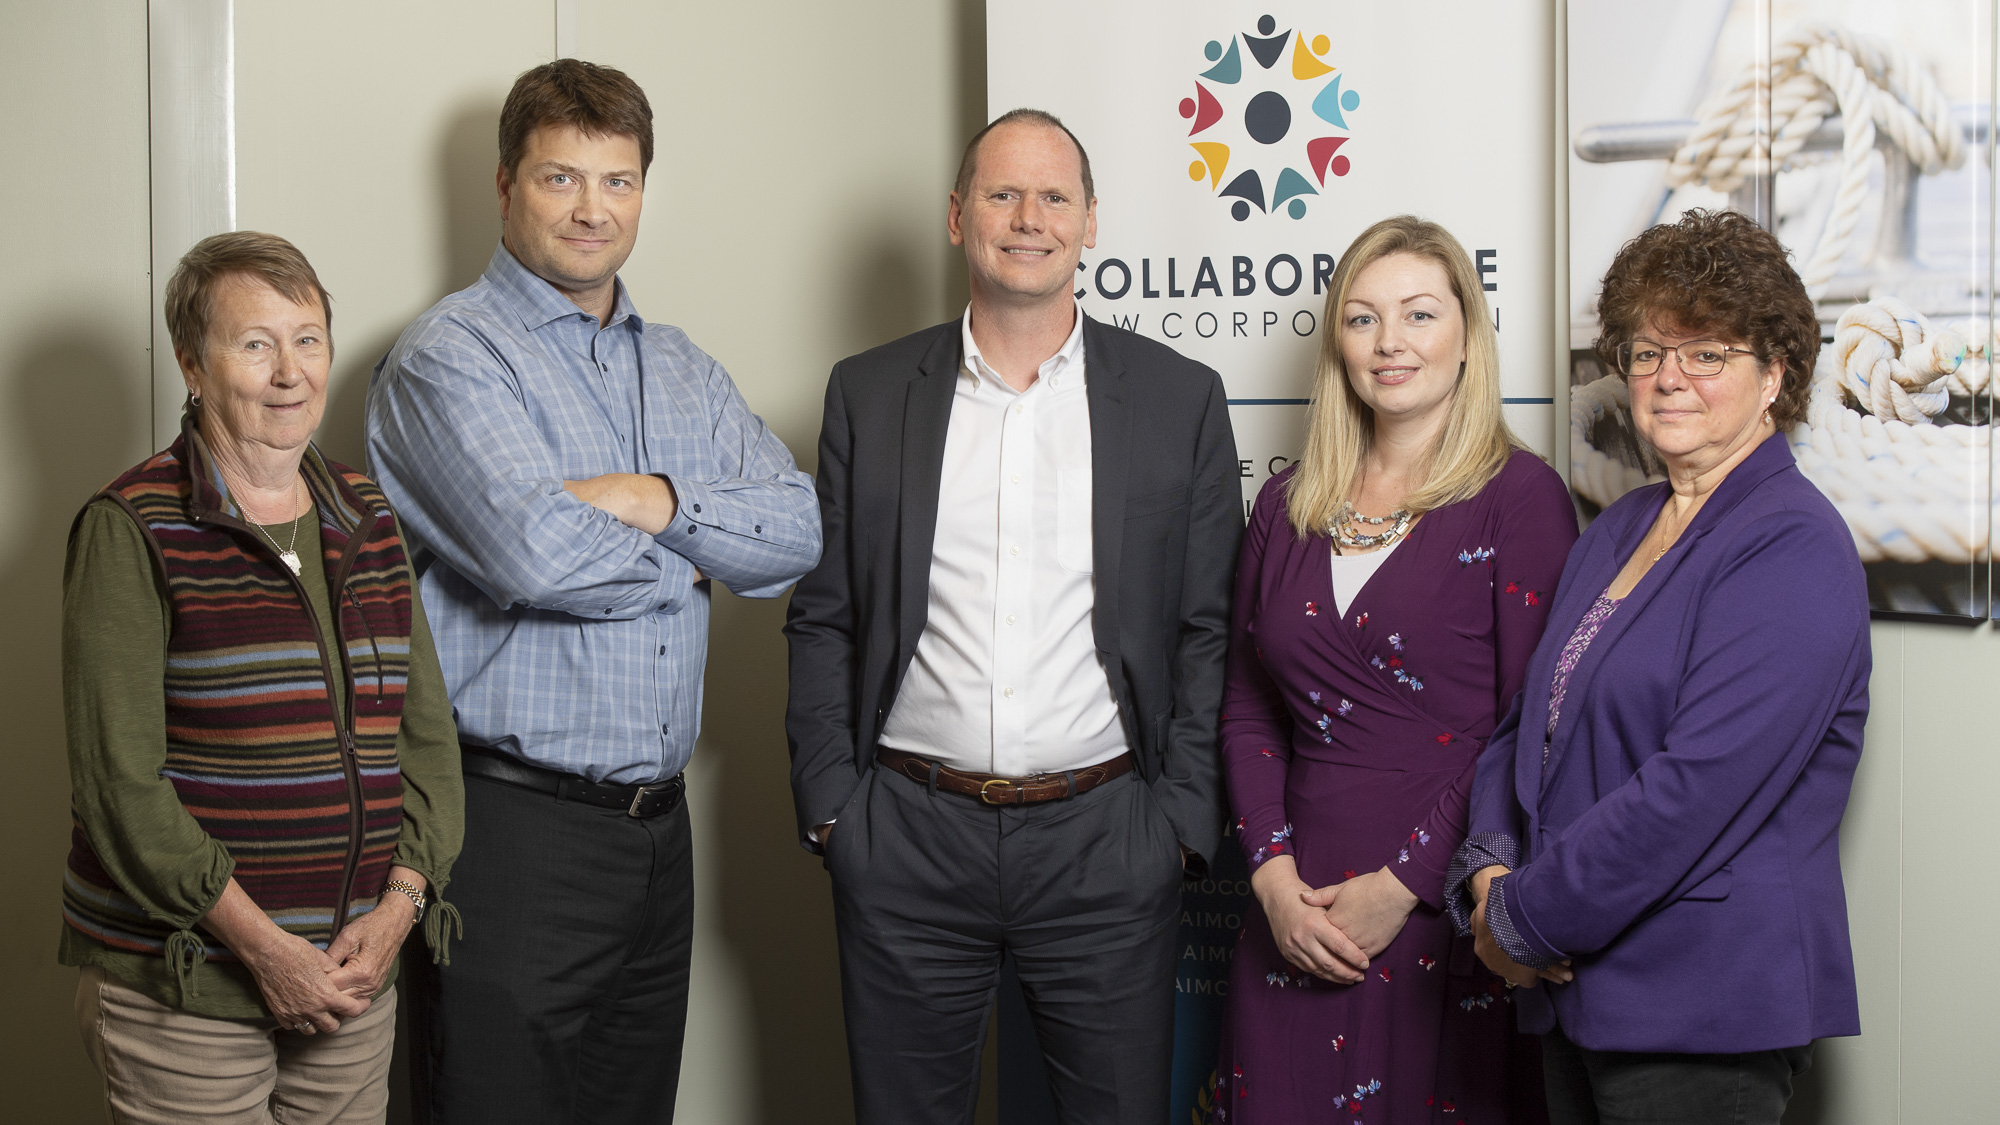 Collaborative Law Team